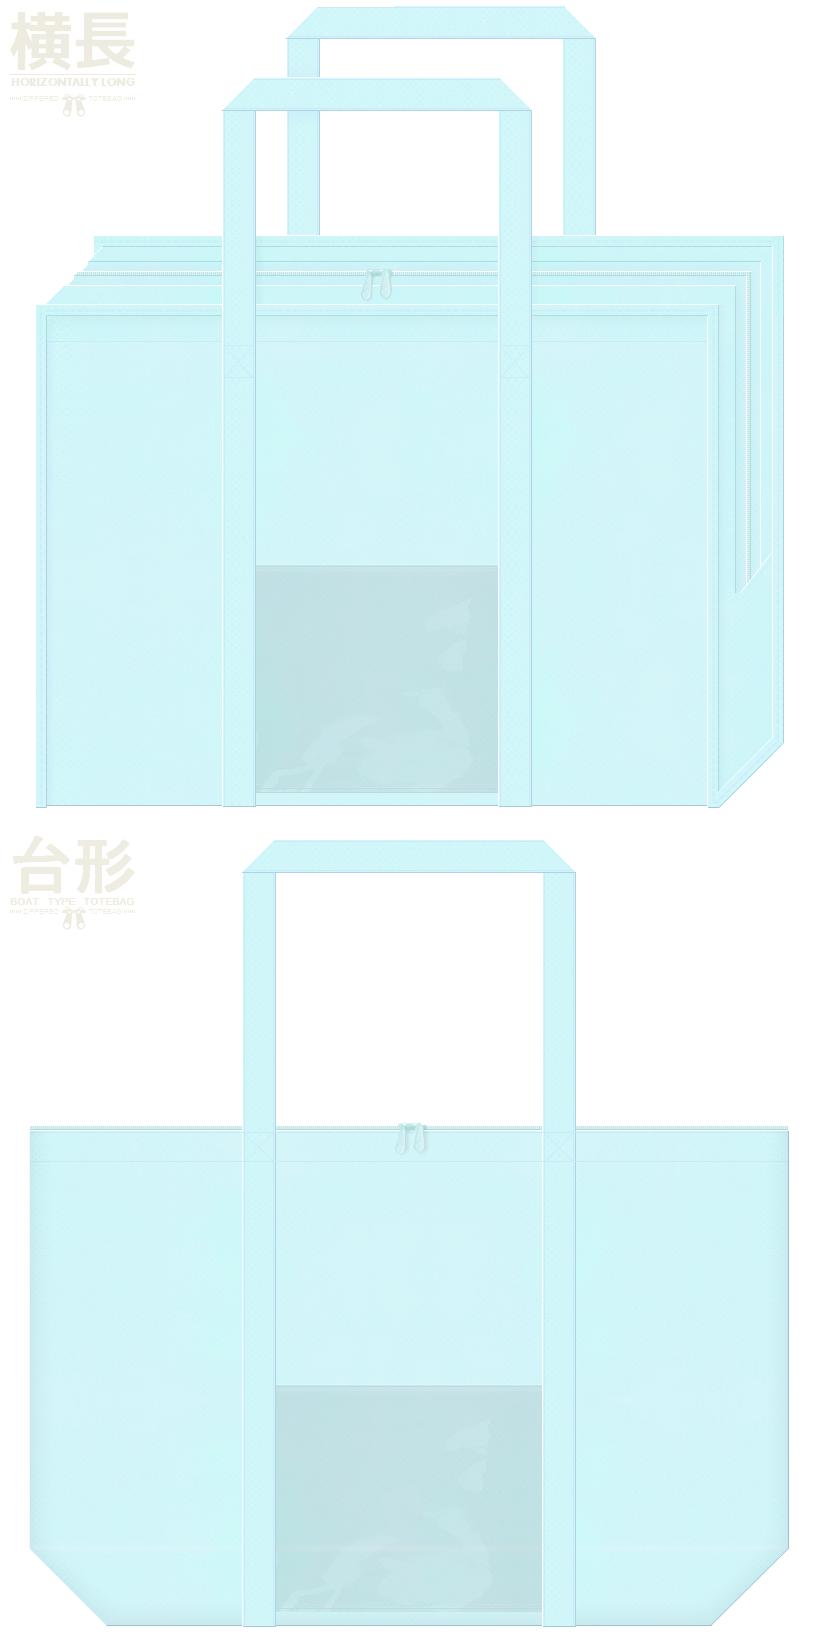 水色の不織布バッグデザイン:透明ポケット付きの不織布ランドリーバッグ